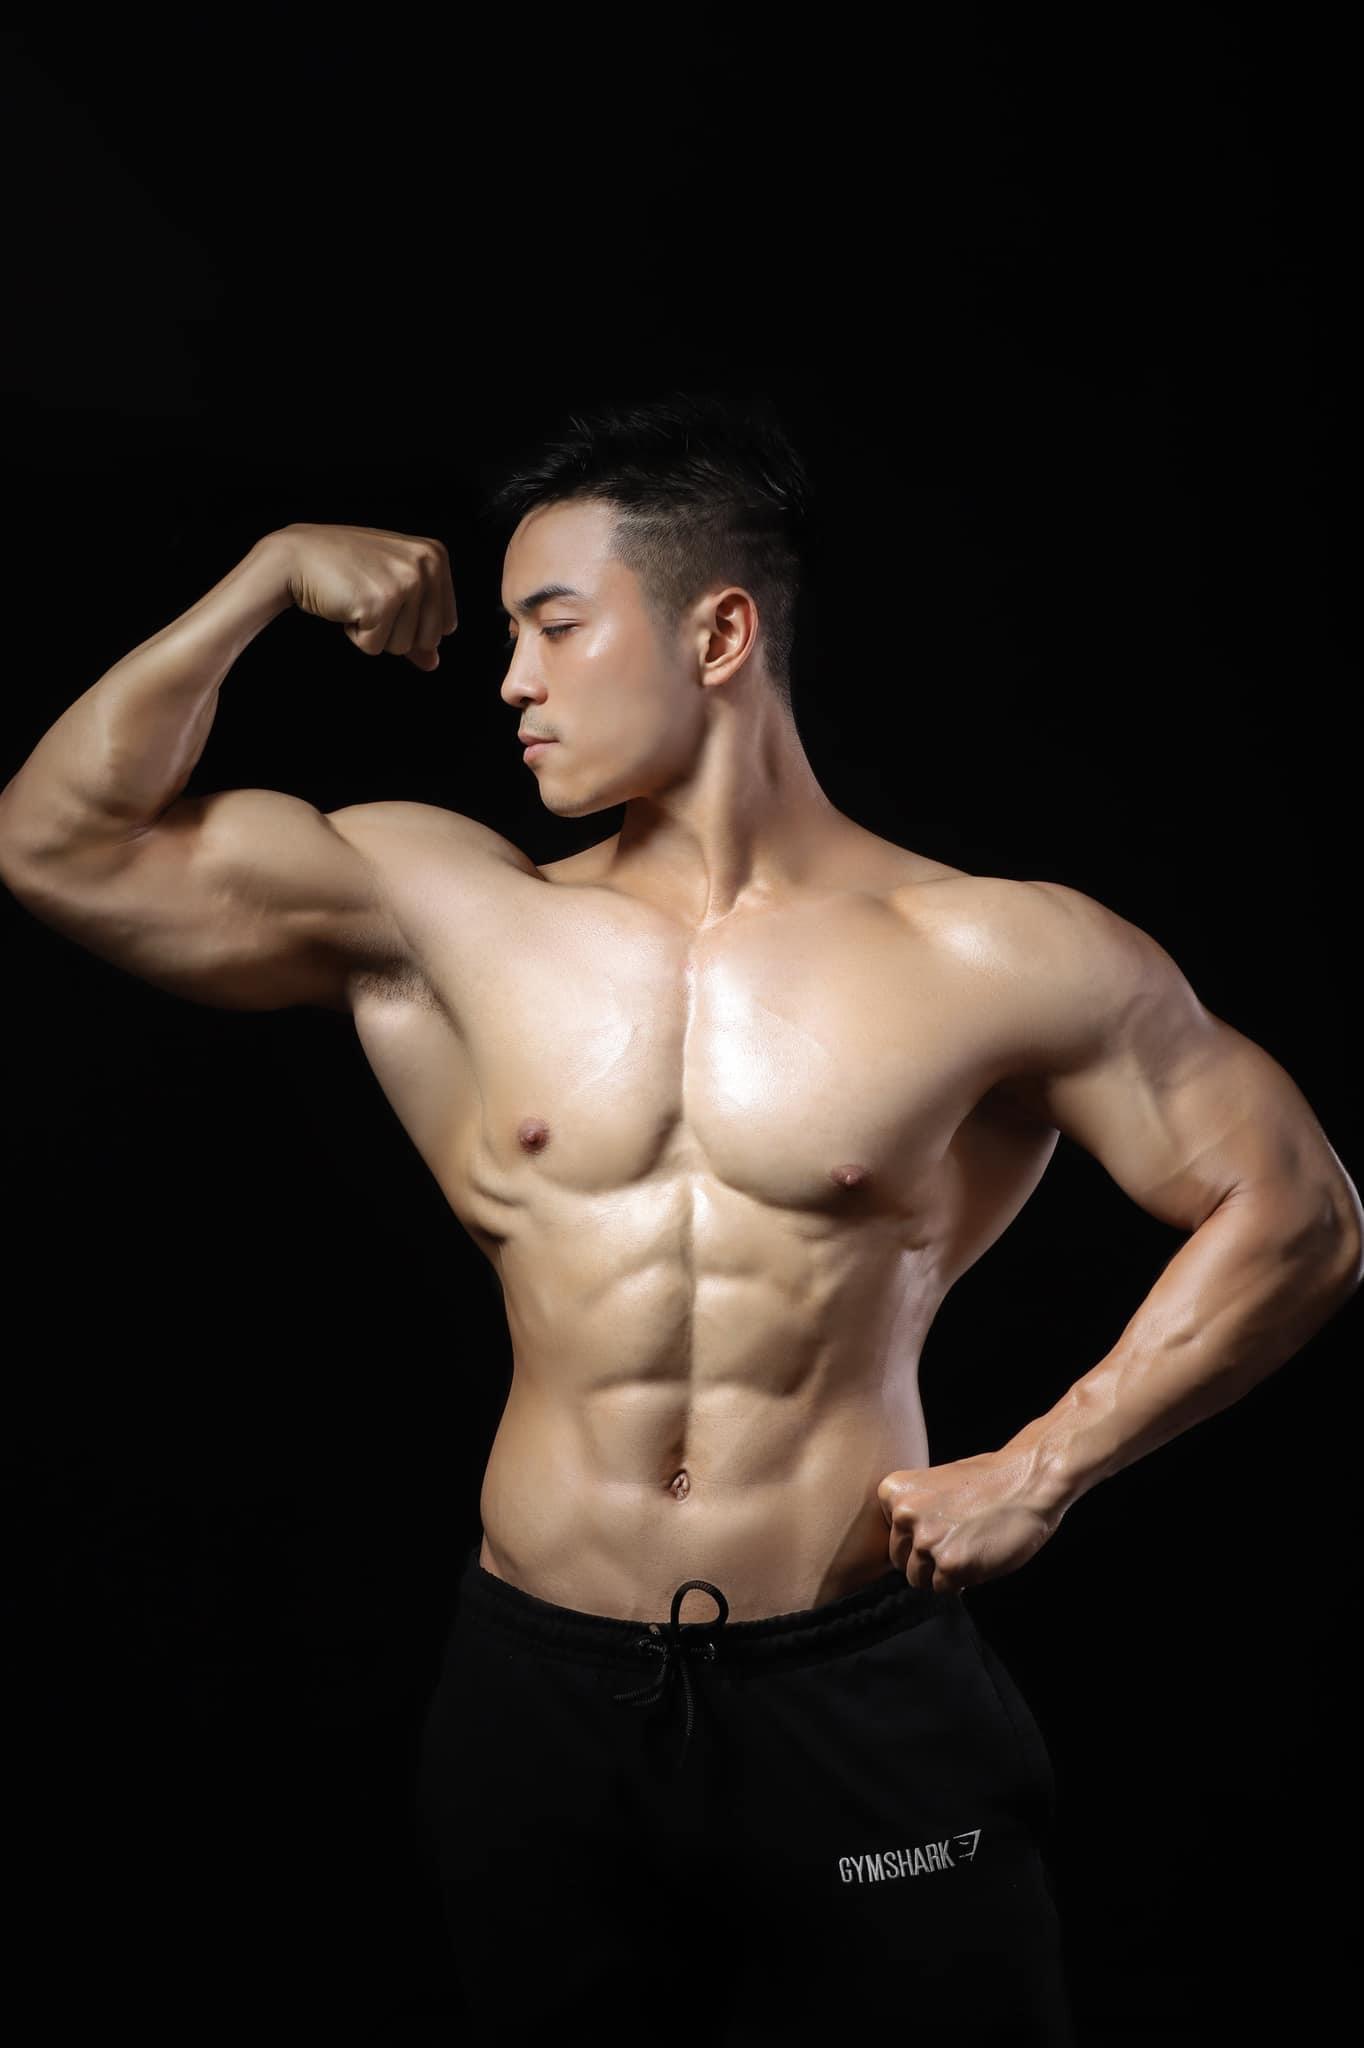 Minh Hiếu (Henry Vinh), zai Bắc đam mê gym, thẳng nha!